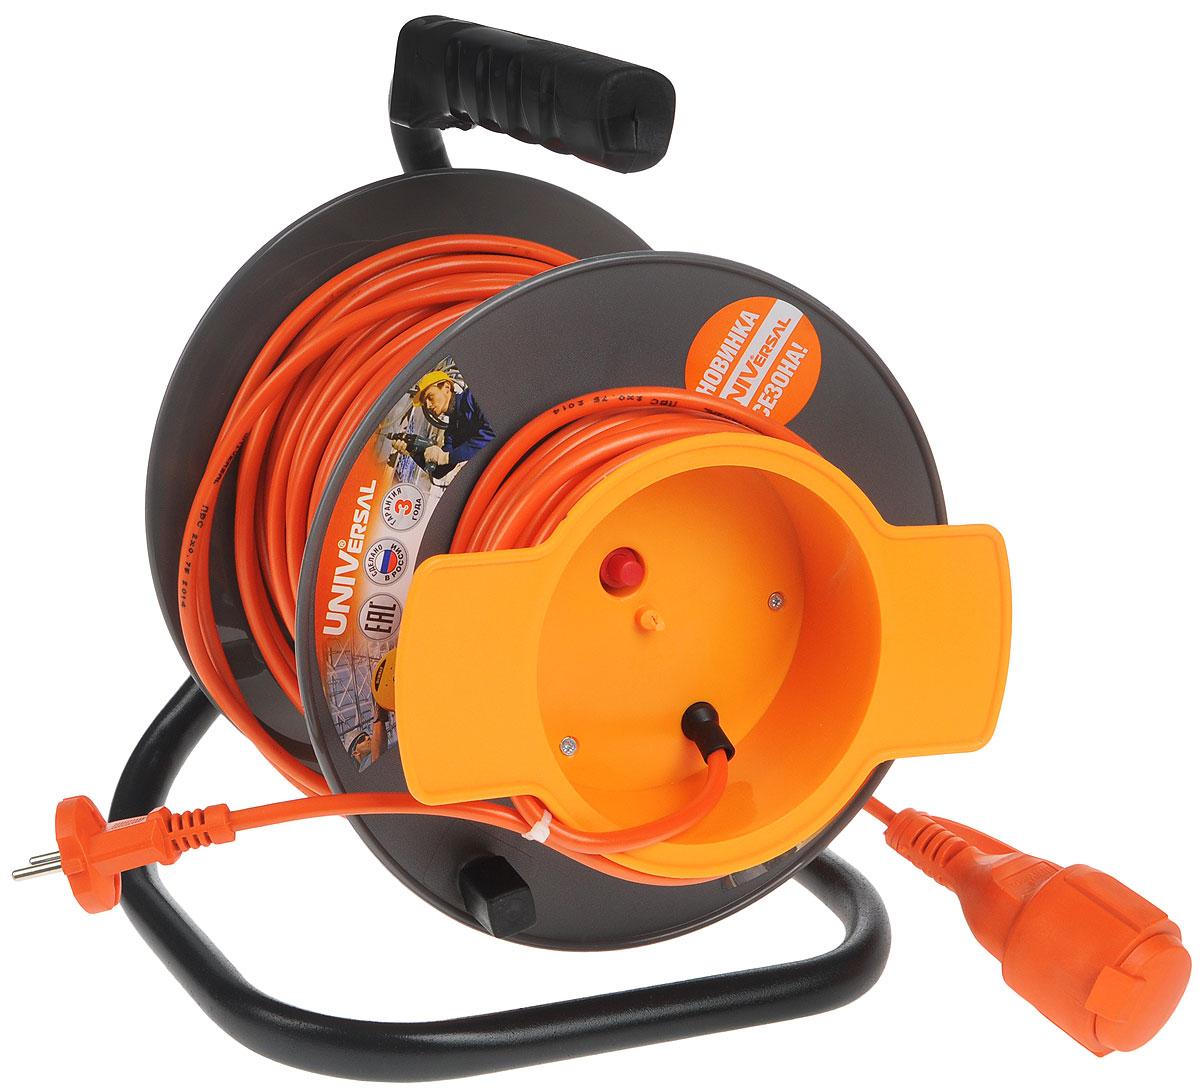 Удлинитель на катушке UNIVersal, без заземления, цвет: серый, оранжевый, 40 м9633261Удлинитель на катушке UNIVersal предназначен для подключения одного электроприбора. Будет полезен в гараже, на приусадебном участке, при проведении строительных, ремонтных и монтажных работ. Идеален для подключения газонокосилок, у которых предусмотрен короткий сетевой провод и фиксатор для соединения кабелей инструмента и удлинителя. Длина кабеля 40 метров позволит проводить необходимые работы на значительном расстоянии от источника питания. Рассчитан на напряжение 220В. Быстро сматывается/разматывается, экономя время оператора, удобен в хранении. Провод с поливинилхлоридной изоляцией обеспечивает надежность и безопасность работы.Характеристики:Длина провода: 40 м.Количество розеток: 1.Максимальная мощность: 1300 Вт.Максимальный ток: 6 A.Провод: ПВС 2 х 0,75 мм.